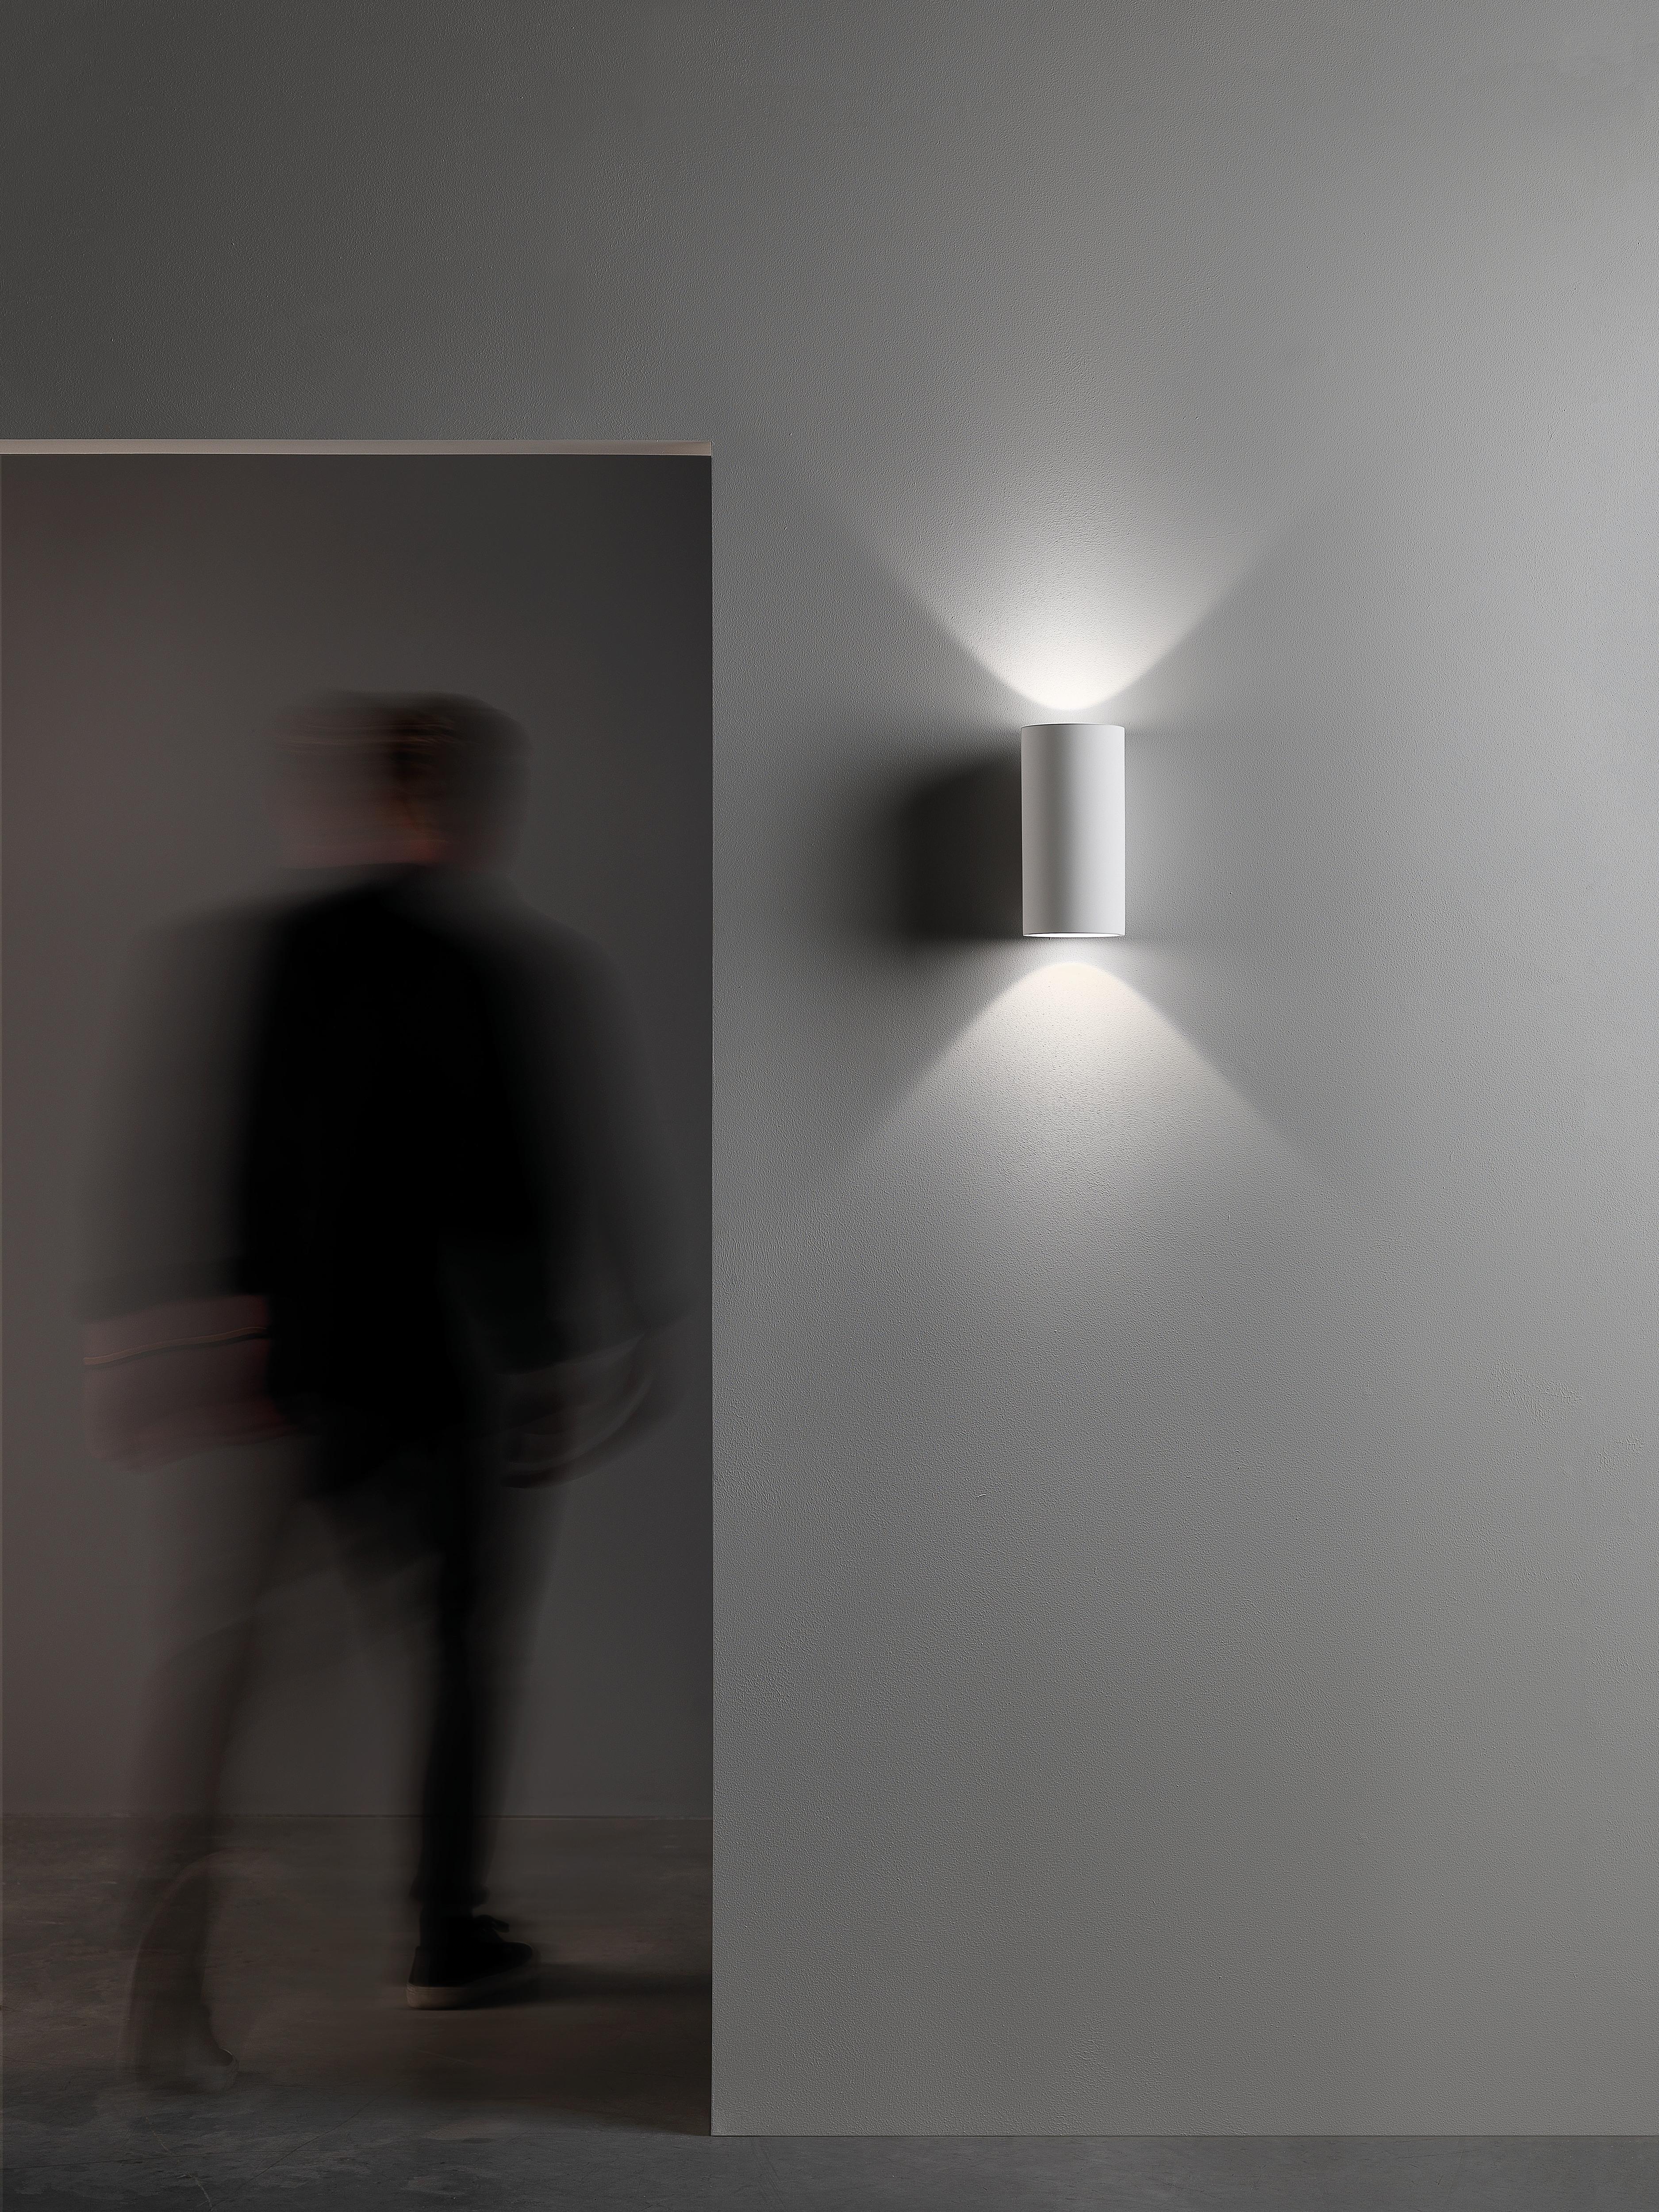 Настенный светильник Astro Bologna 1287002, 2xGU10x50W, белый, под покраску, гипс - фото 2